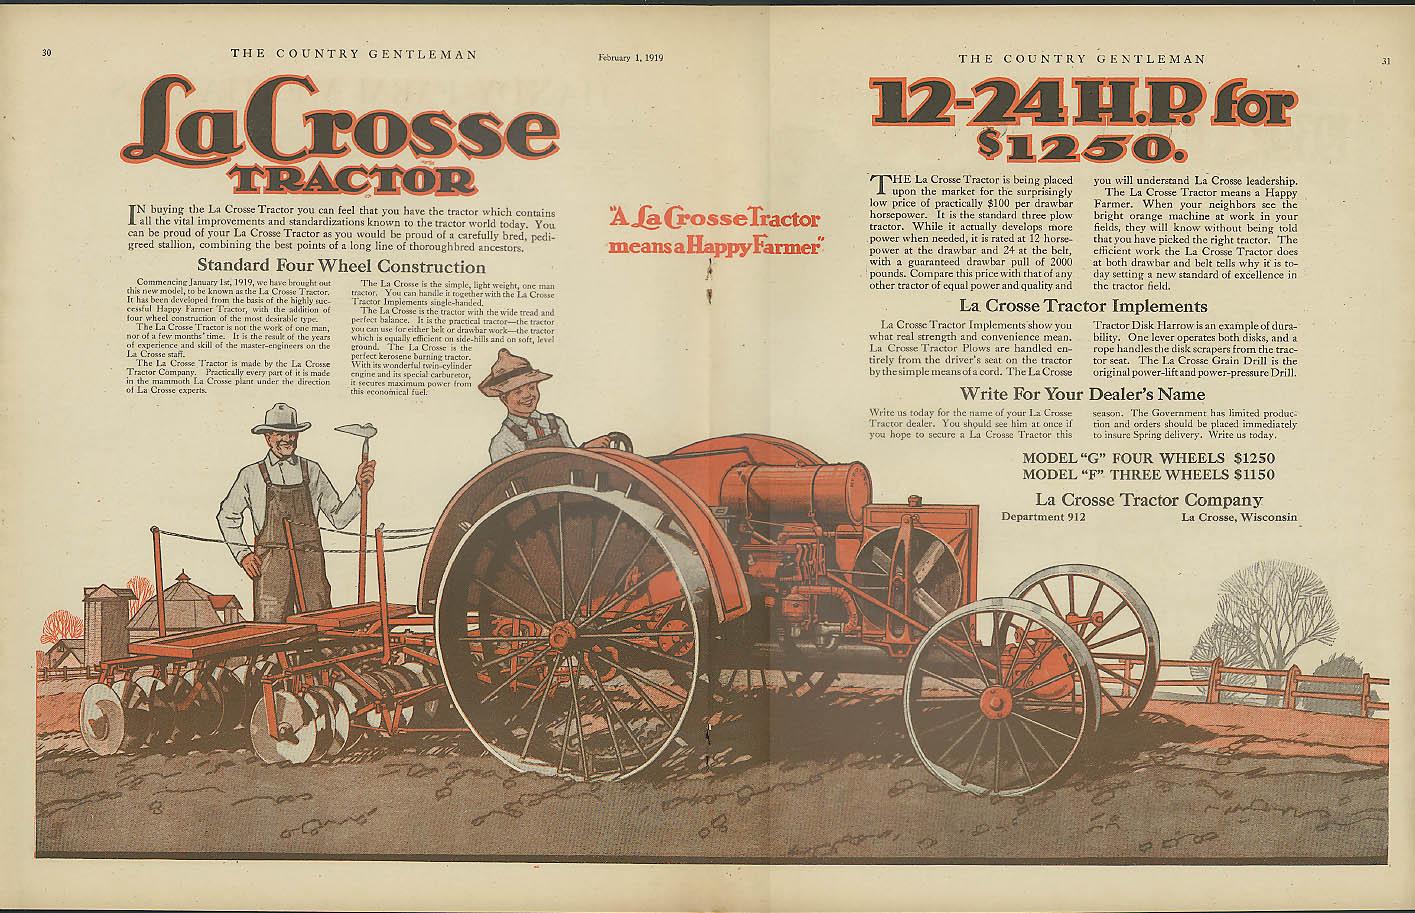 La Crosse Tractor 12-24 H P for $1250 ad 1919